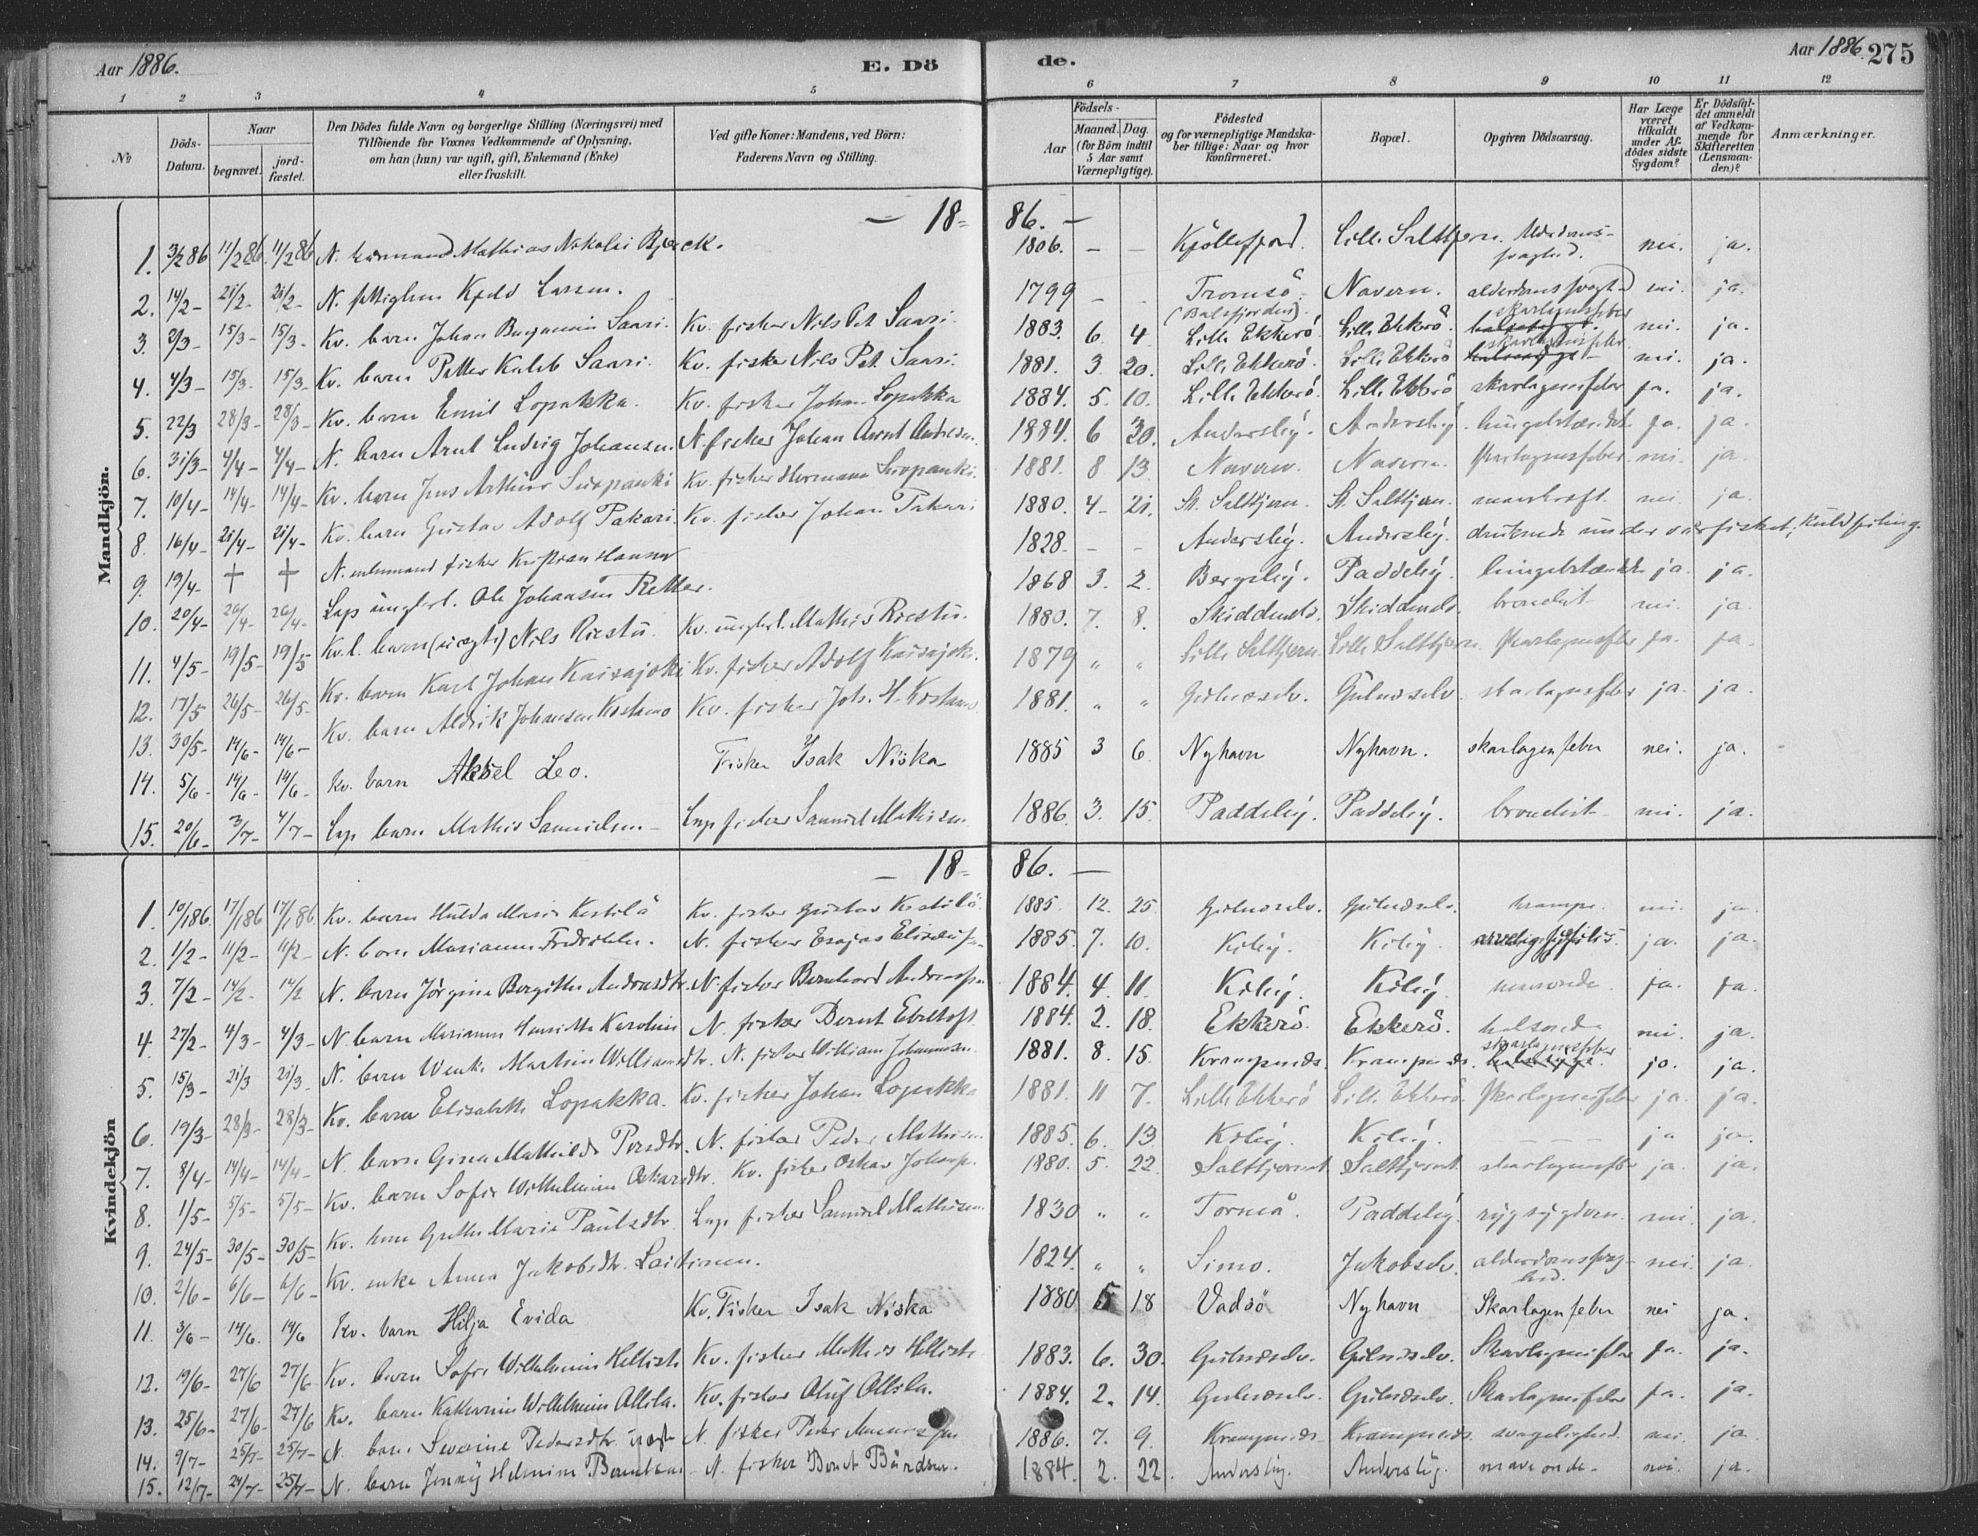 SATØ, Vadsø sokneprestkontor, H/Ha/L0009kirke: Ministerialbok nr. 9, 1881-1917, s. 275